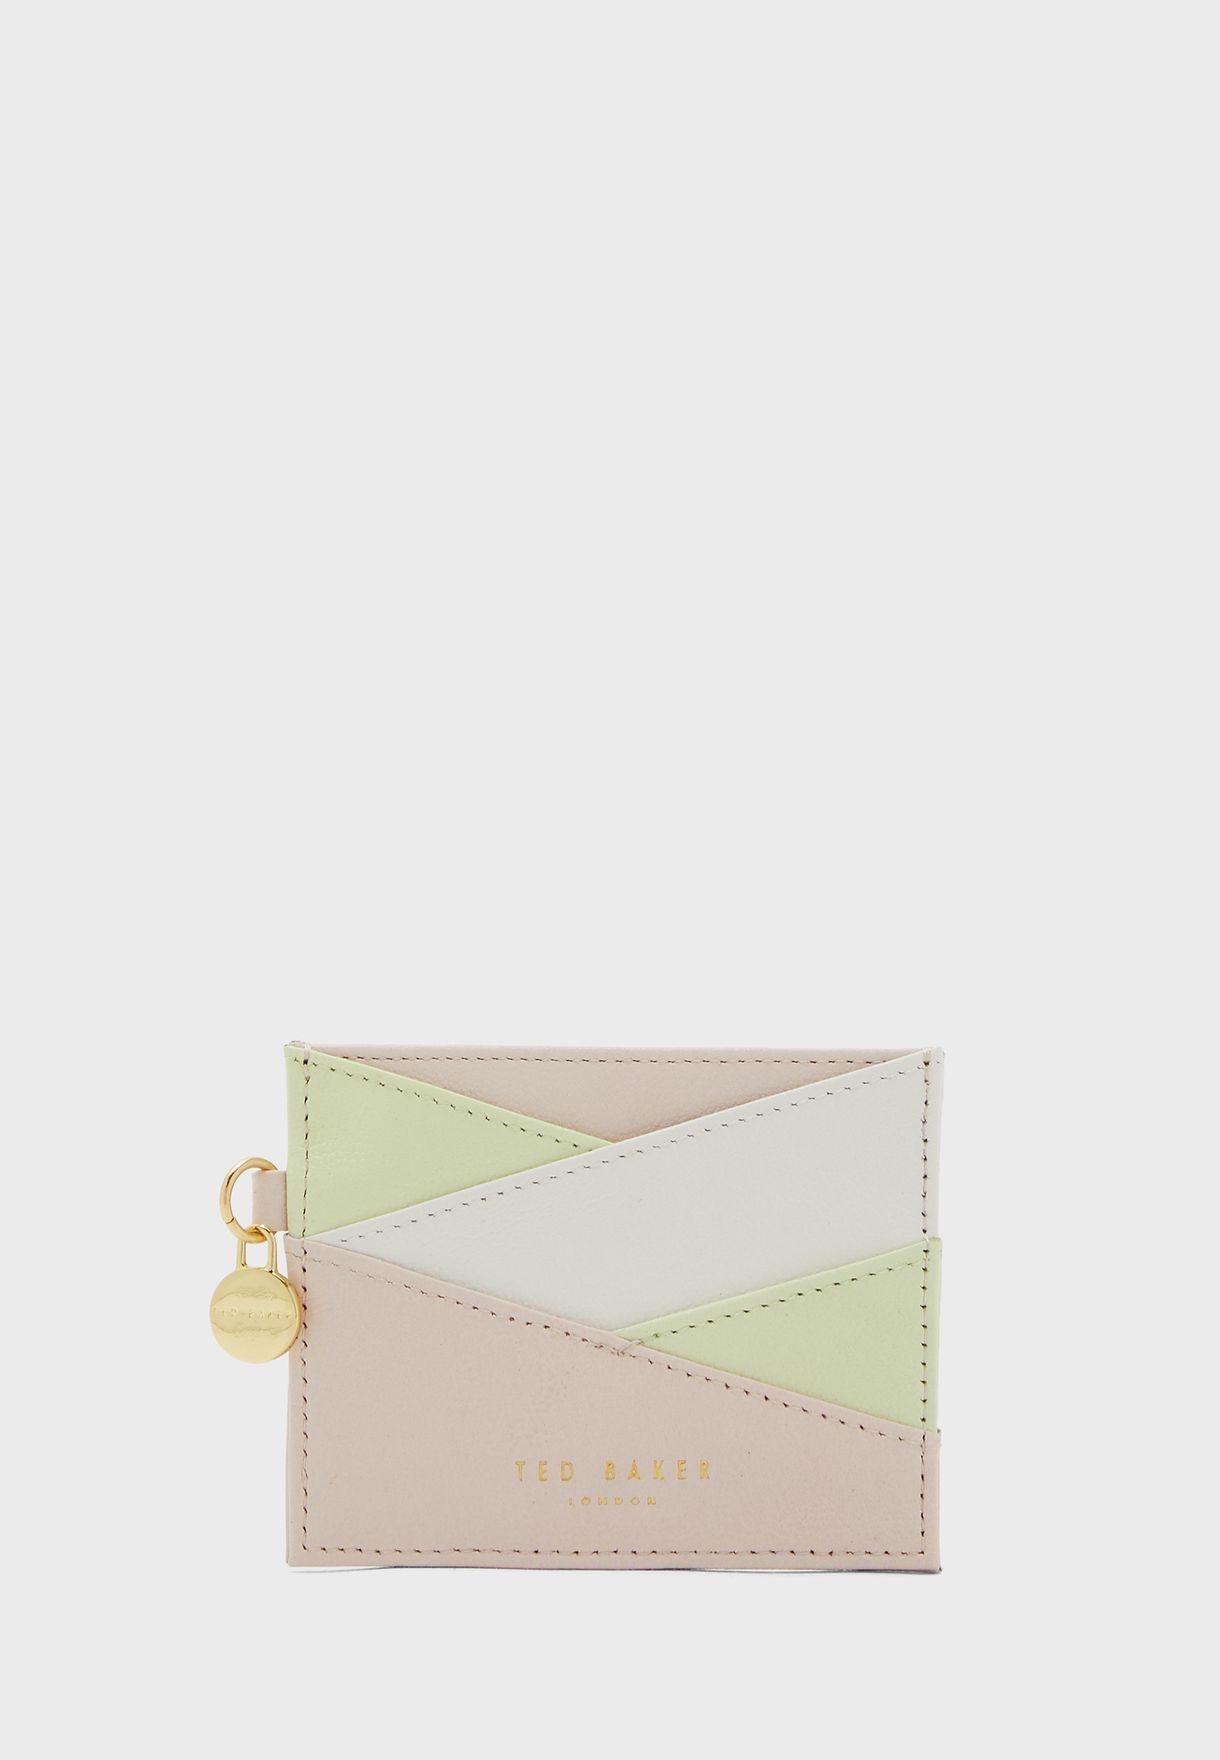 محفظة بطاقات جلد مزينة بشعار الماركة